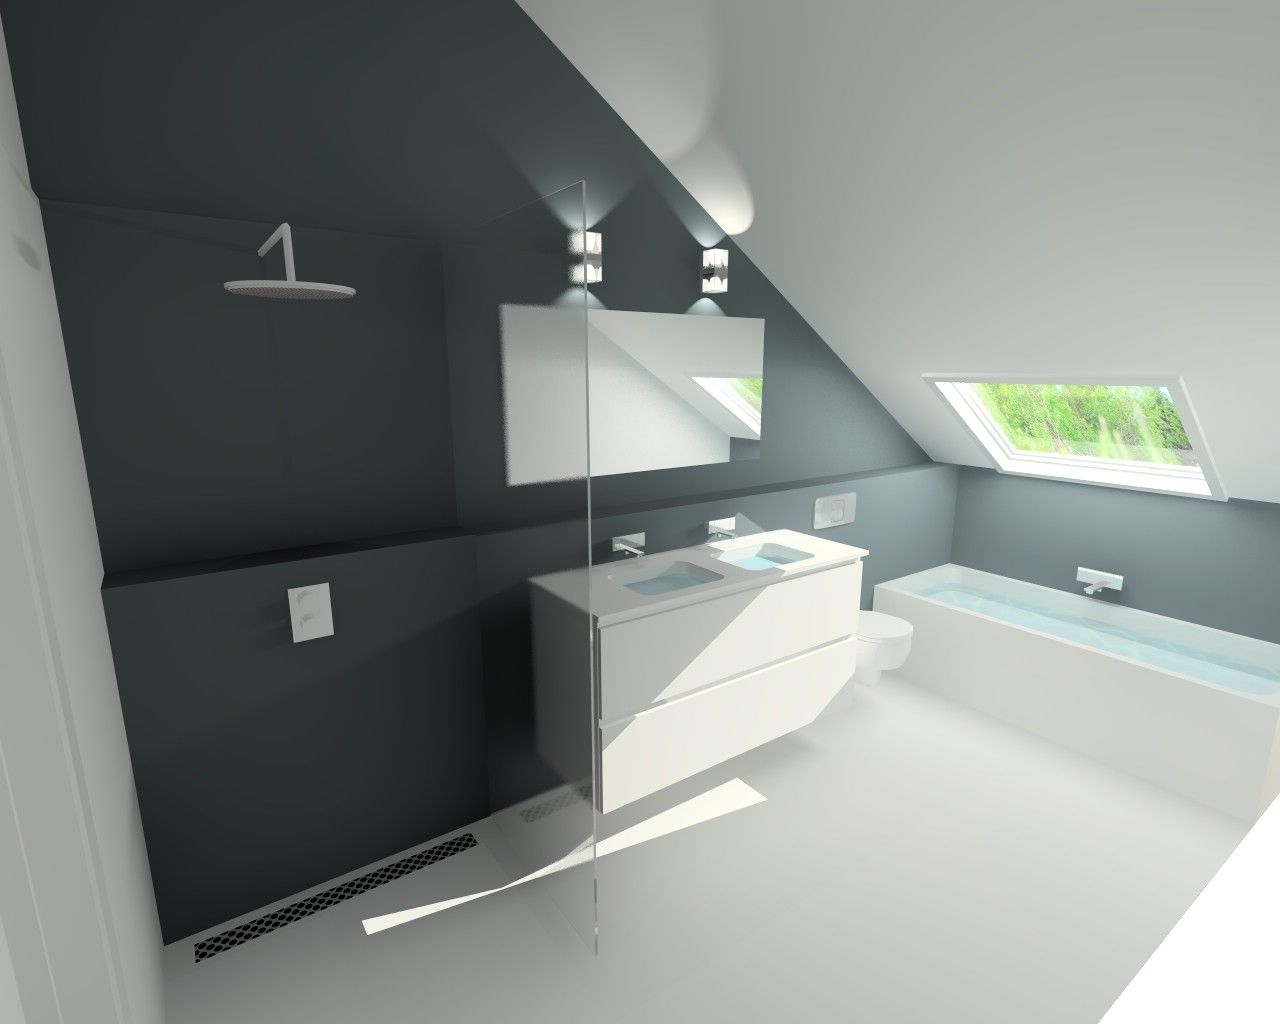 Badkamer met open douche gietvloer en meubel in kerrock solid